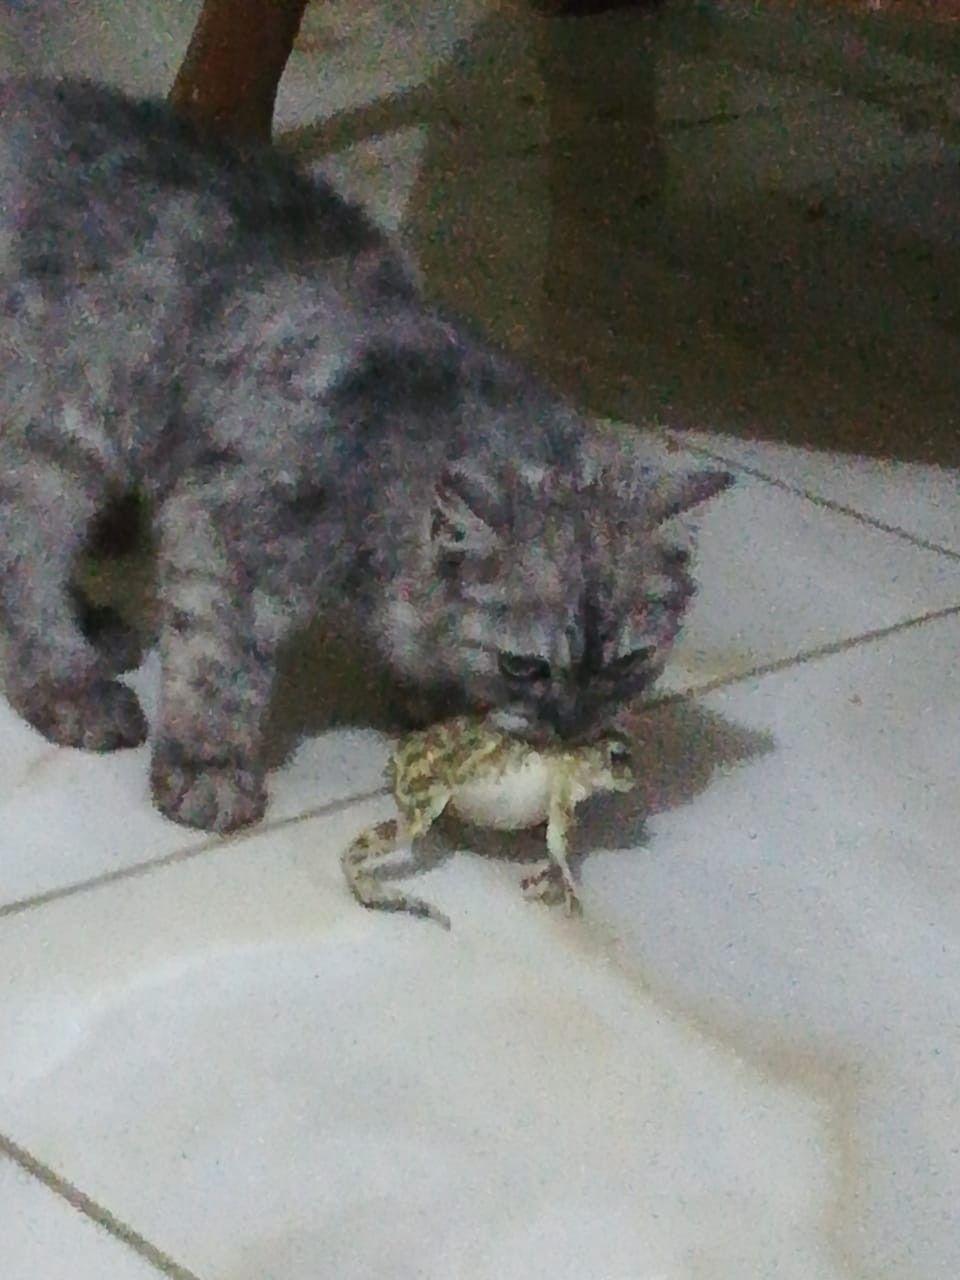 اول يوم كانت تشاهد الفار الصغير دون حراك وبعد ٧ ايام جاءت بضفدع من الخارج Cats Animals